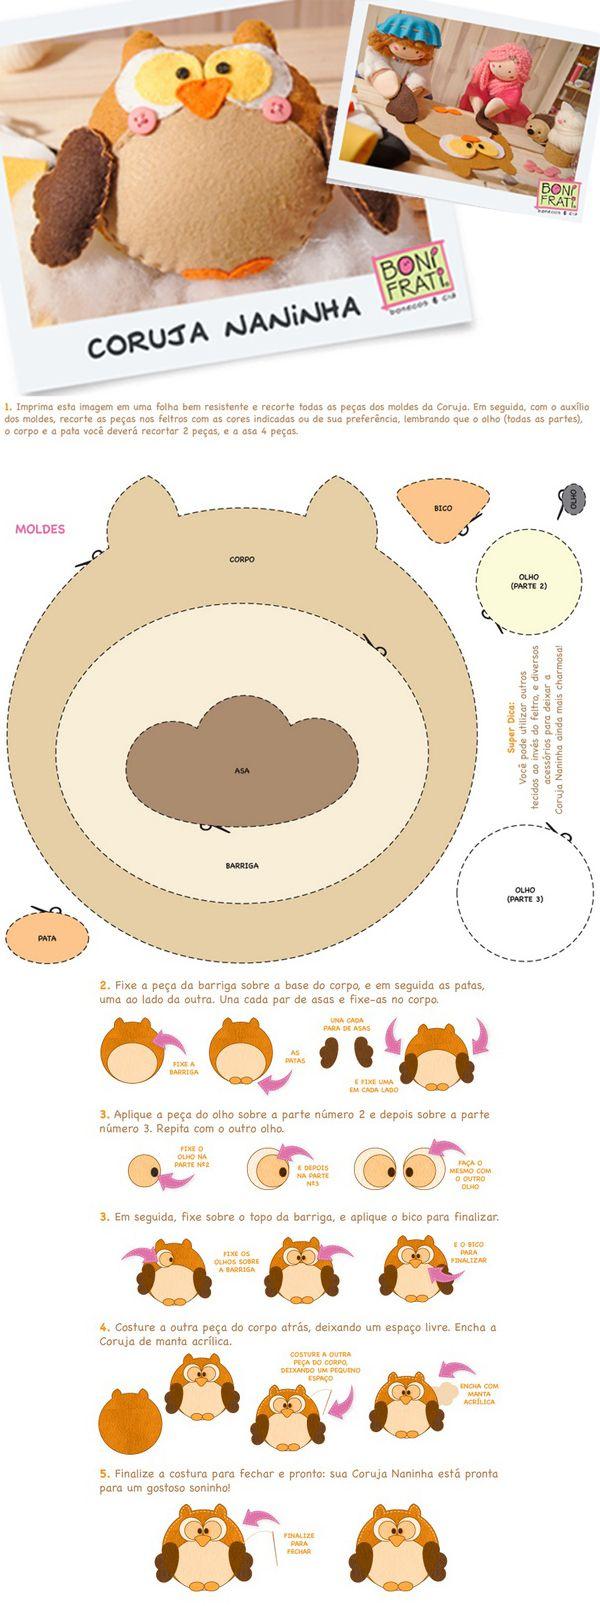 Onde Comprar Feltro? Compre Online Feltro Santa Fé Feltycril - Liso 0,50 x 1,40 mtrs pode ser utilizado em artesanato, brinquedos, decorações, proteção de